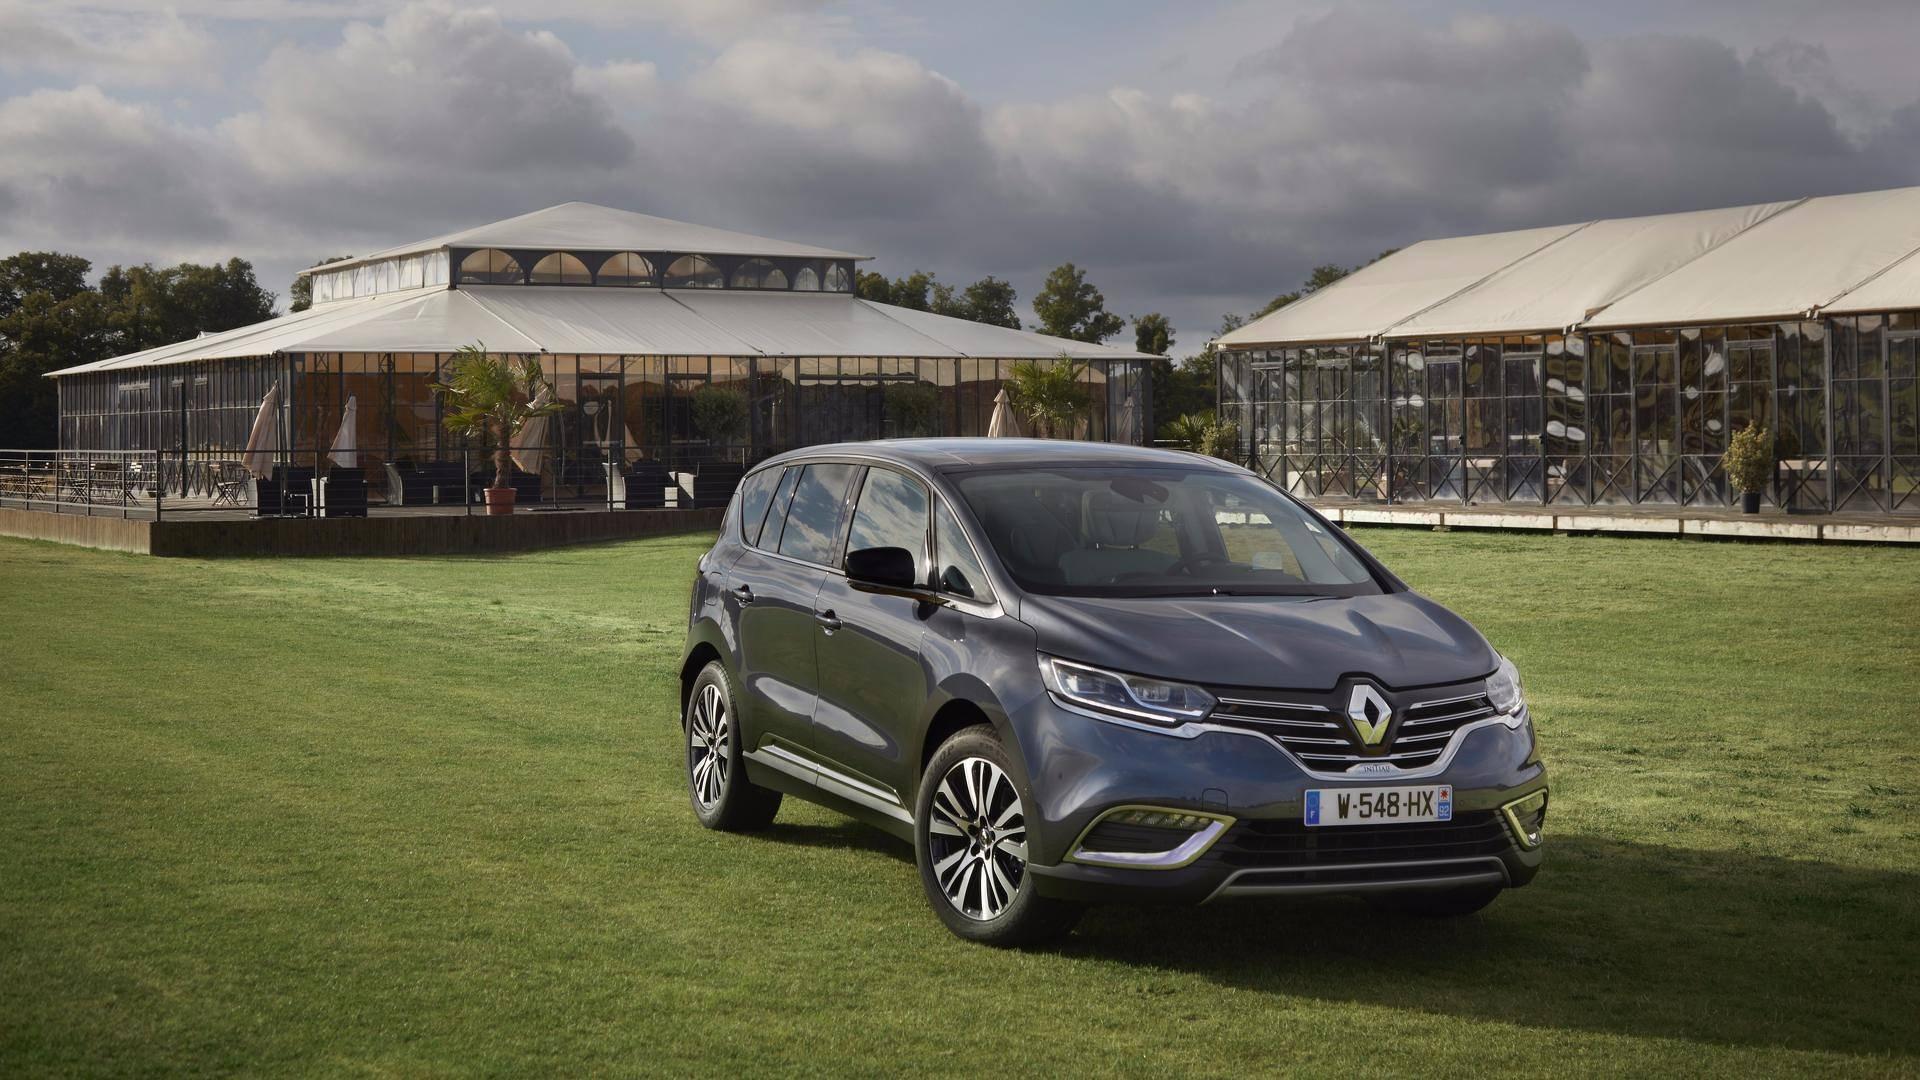 Guía De Compra Renault Espace 2018 En 5 Claves